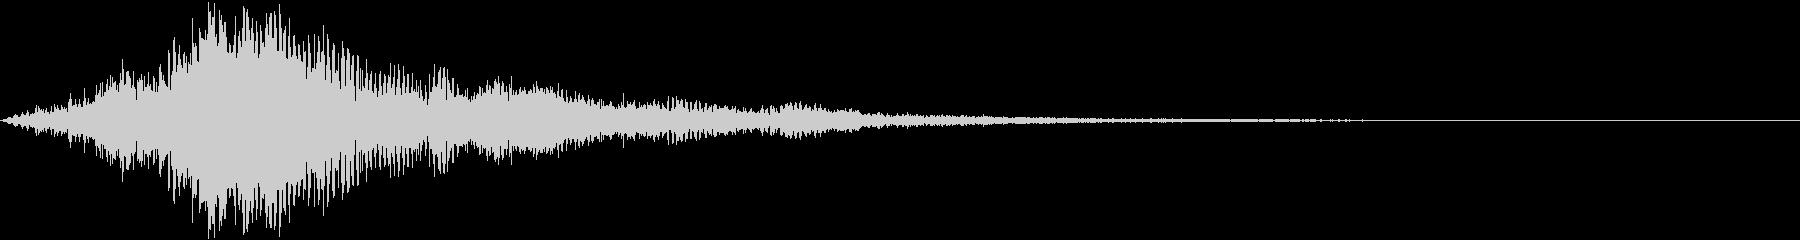 【ホラーゲーム演出】雷シンセパッド_02の未再生の波形